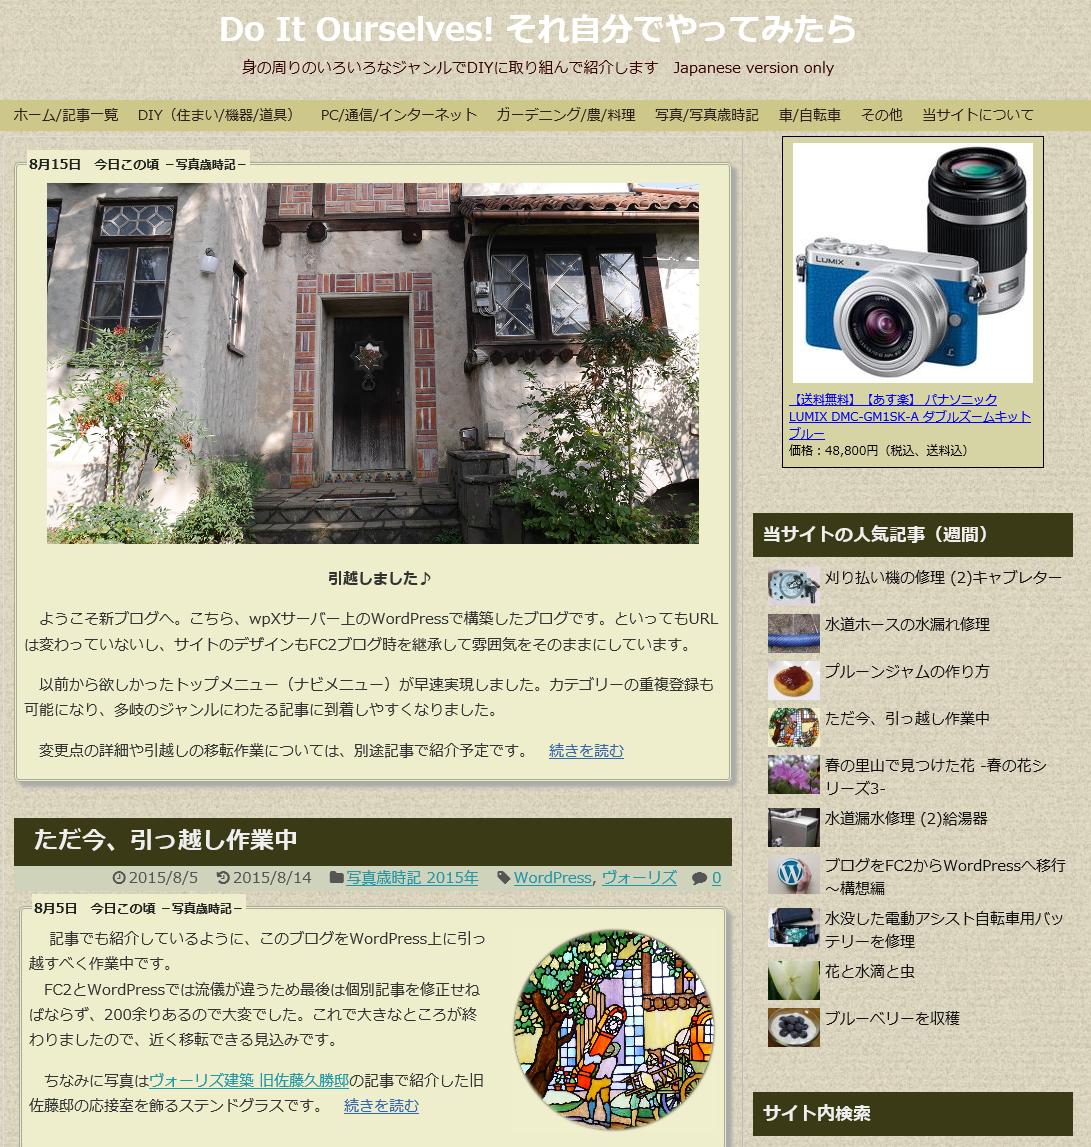 新サイトの表示